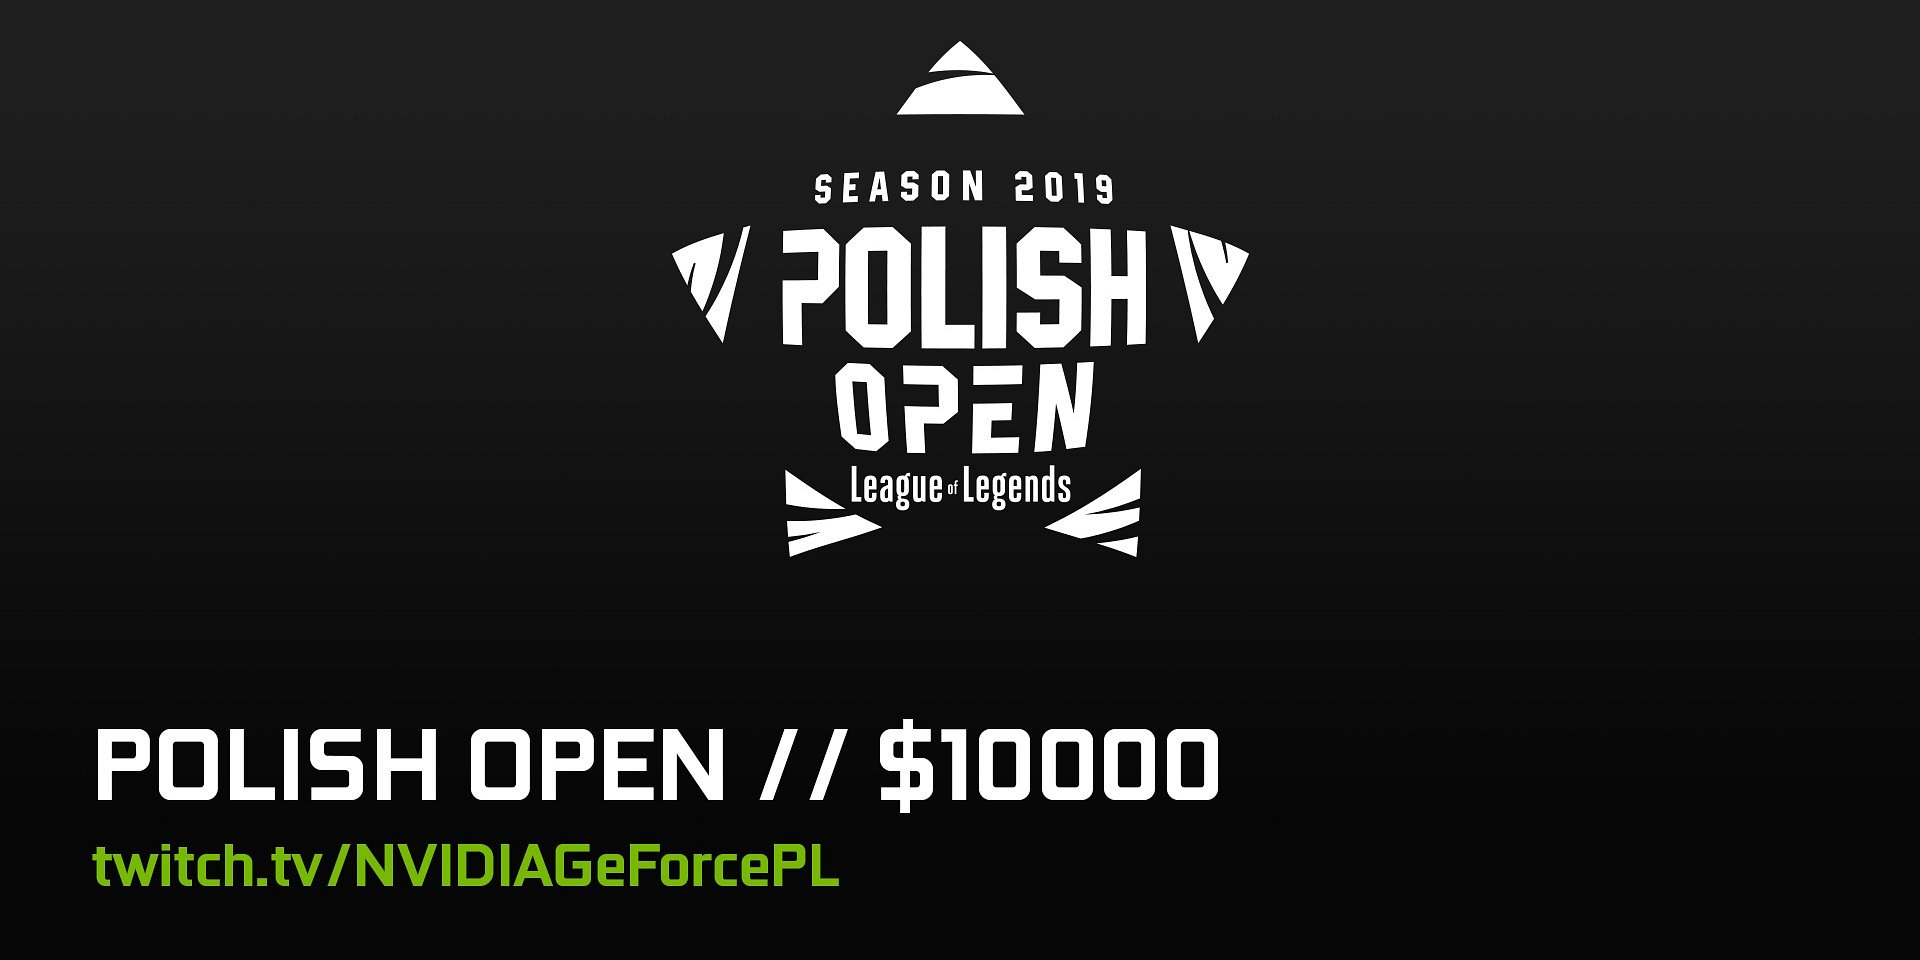 Rusza pierwsza edycja turnieju Polish Open. Na pierwszy ogień League of Legends. Kto zgarnie 10 tysięcy dolarów?